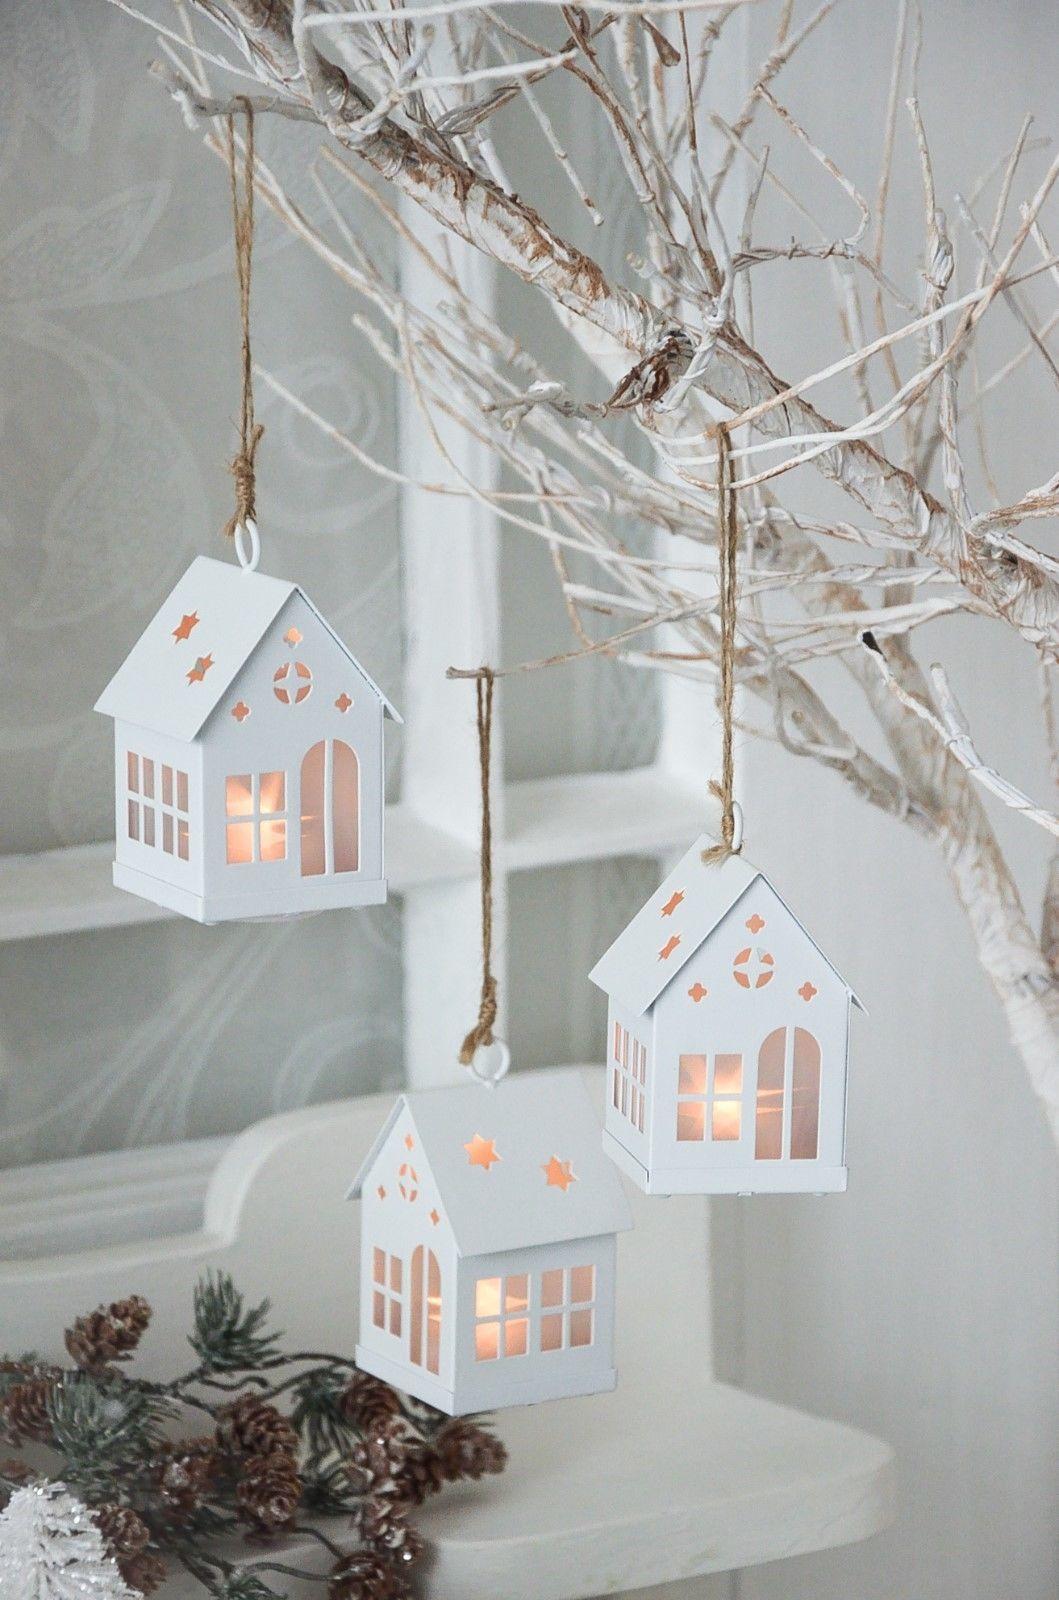 XS Lichthaus Anhänger Weihnachtsbeleuchtung Shabby